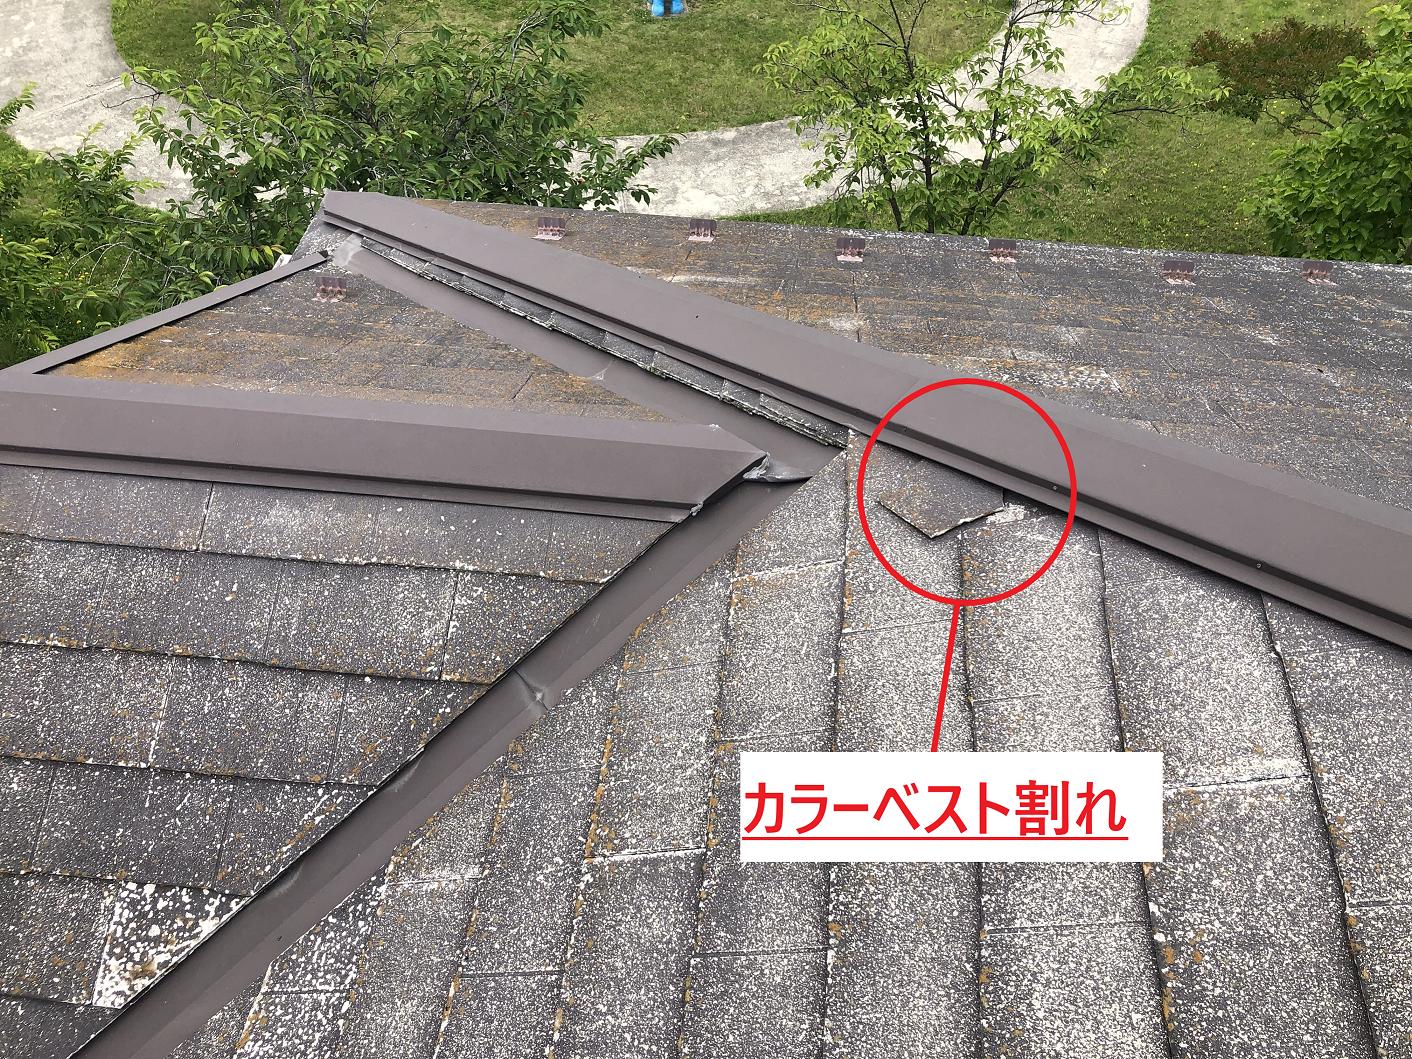 割れた屋根材